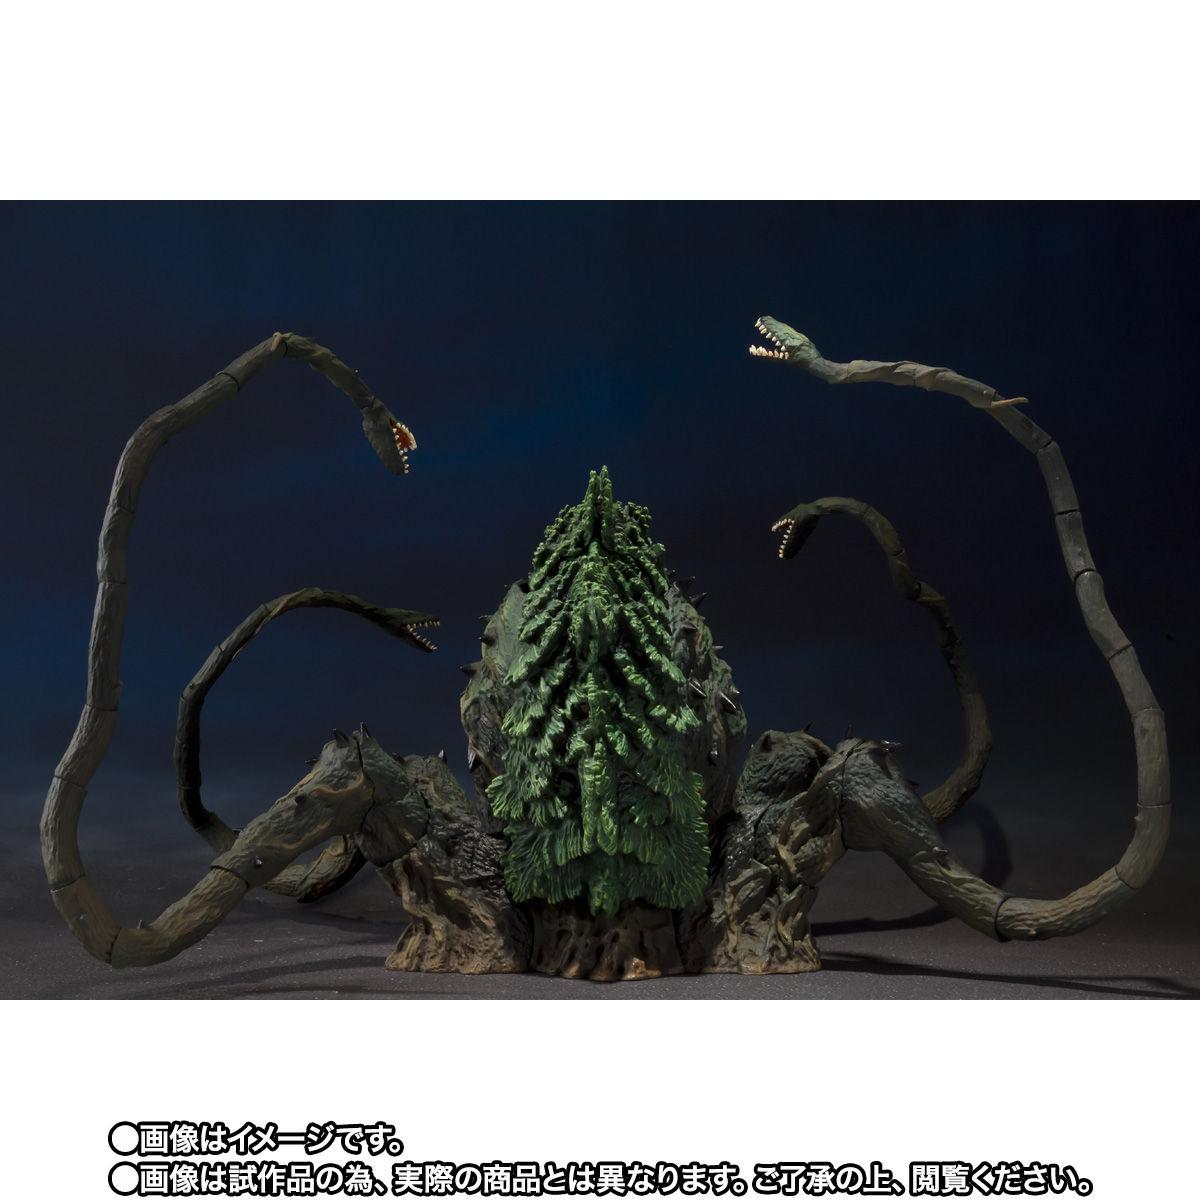 【限定販売】S.H.MonsterArts『ビオランテ Special Color Ver.』ゴジラvsビオランテ 可動フィギュア-005